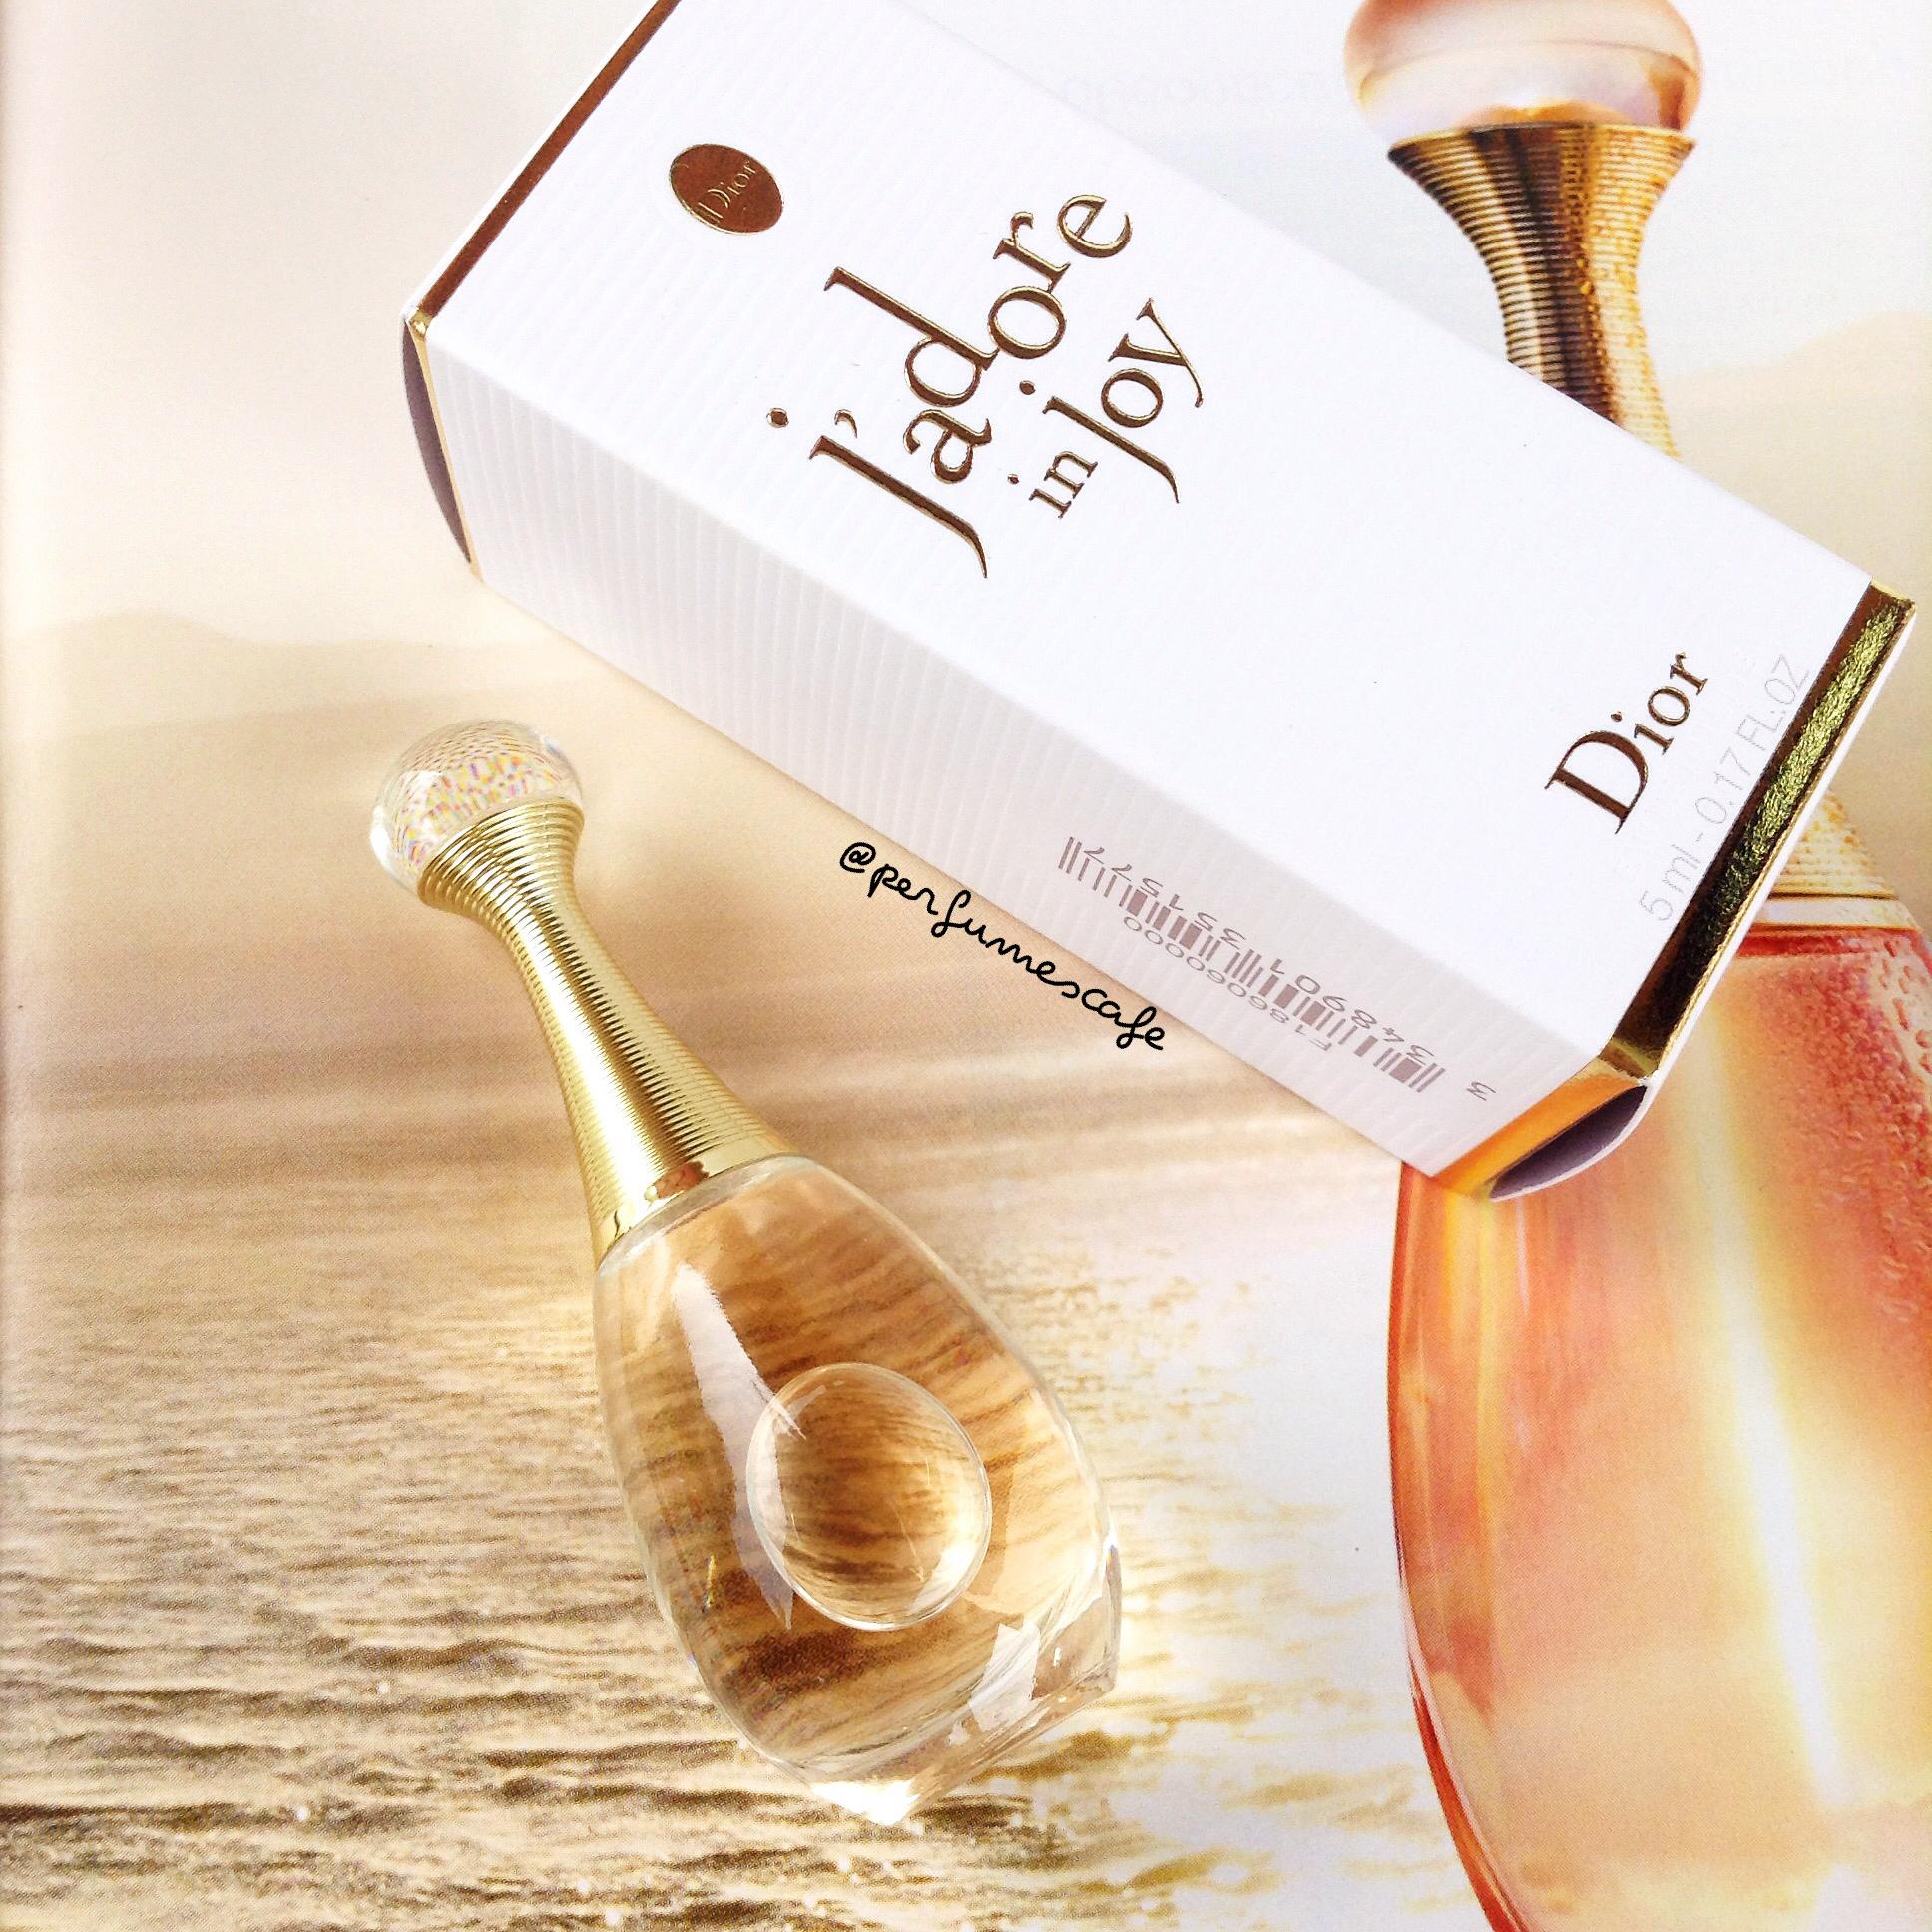 น้ำหอม Dior J'adore in Joy Eau de Toilette ขนาดทดลอง 5ml แบบแต้ม